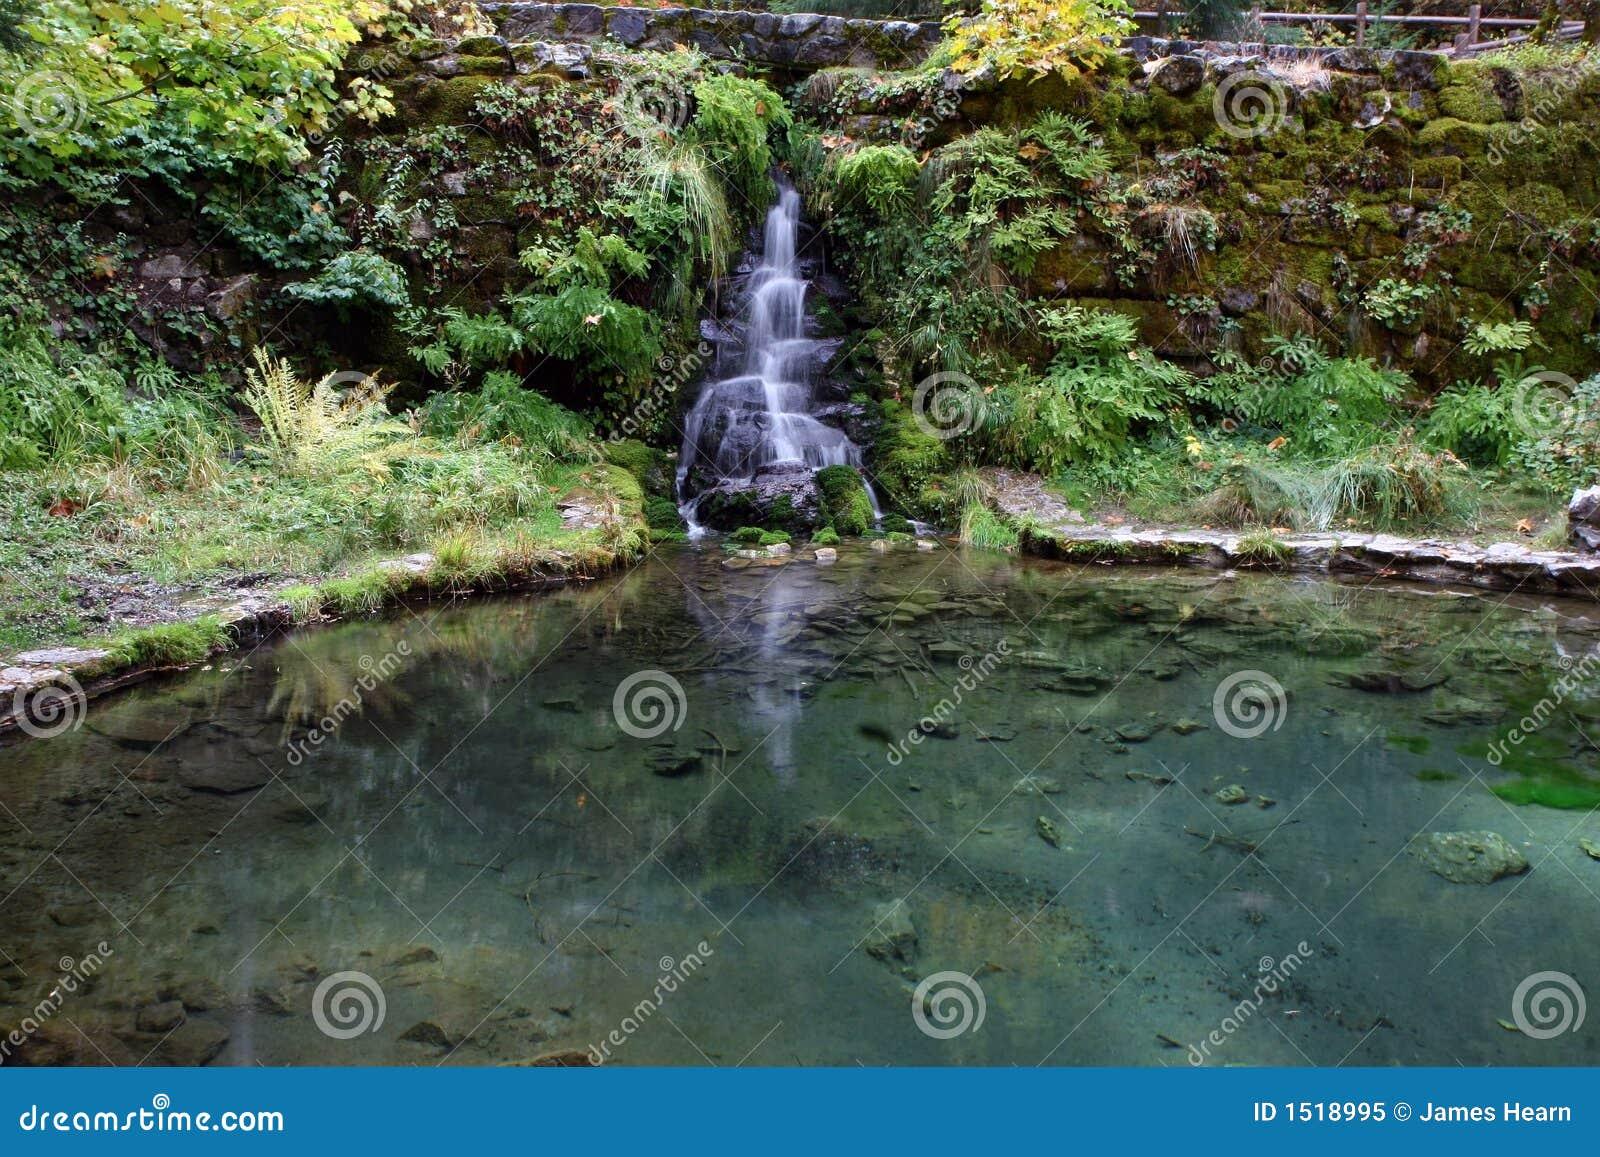 Wasserfall und teich lizenzfreies stockfoto bild 1518995 for Wasserfall teich